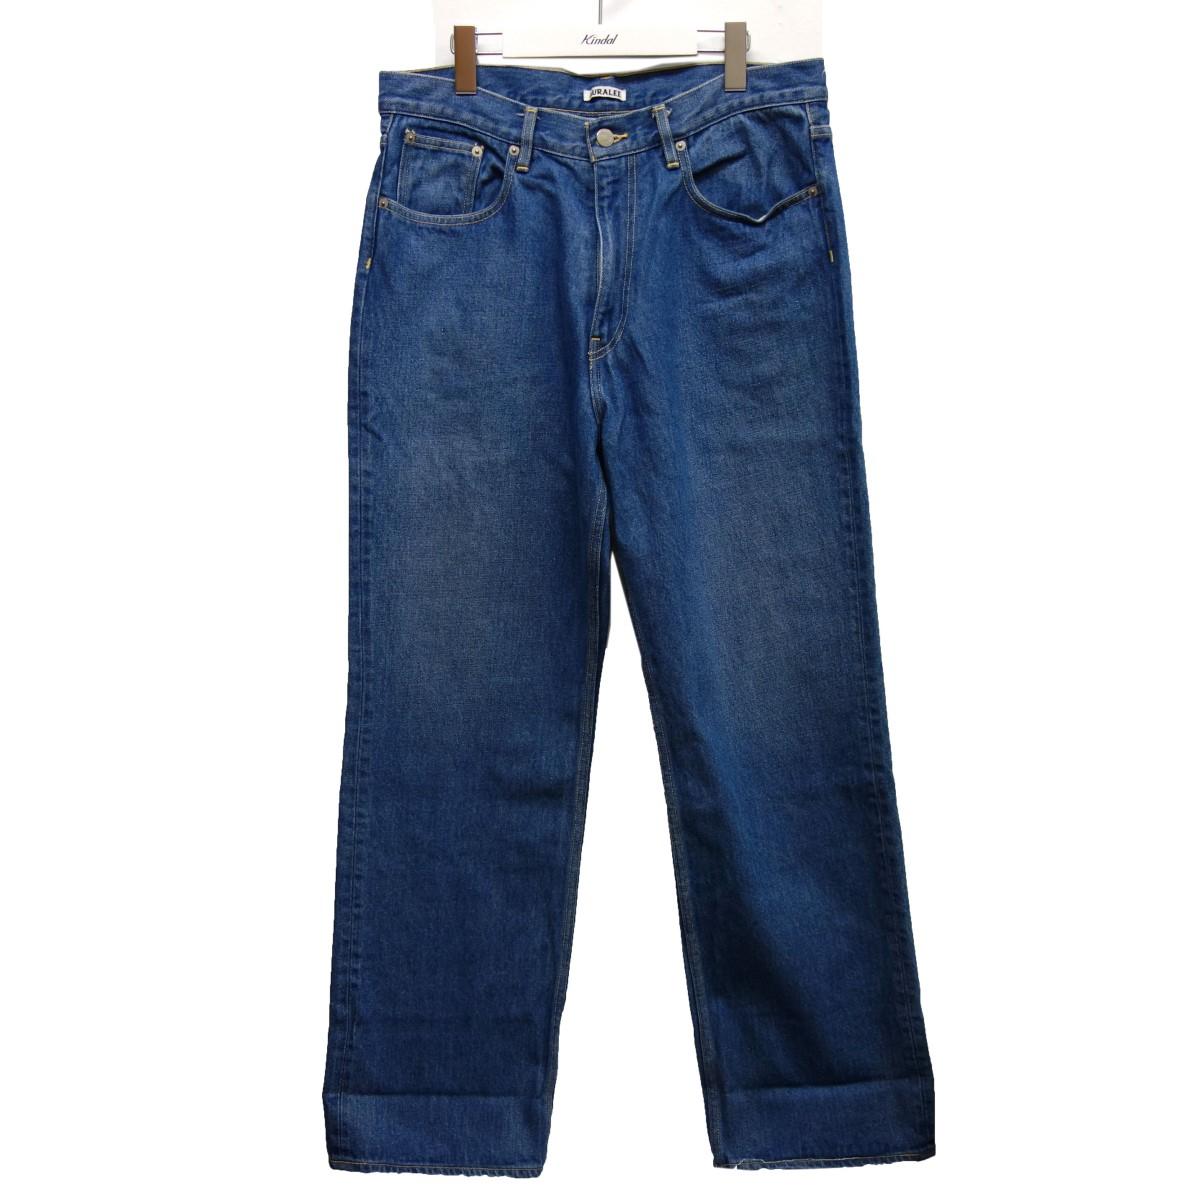 【中古】AURALEE 20SS「WASHED HARD TWIST DENIM 5P PANTS」デニムパンツ ライトインディゴ サイズ:34 【120820】(オーラリー)